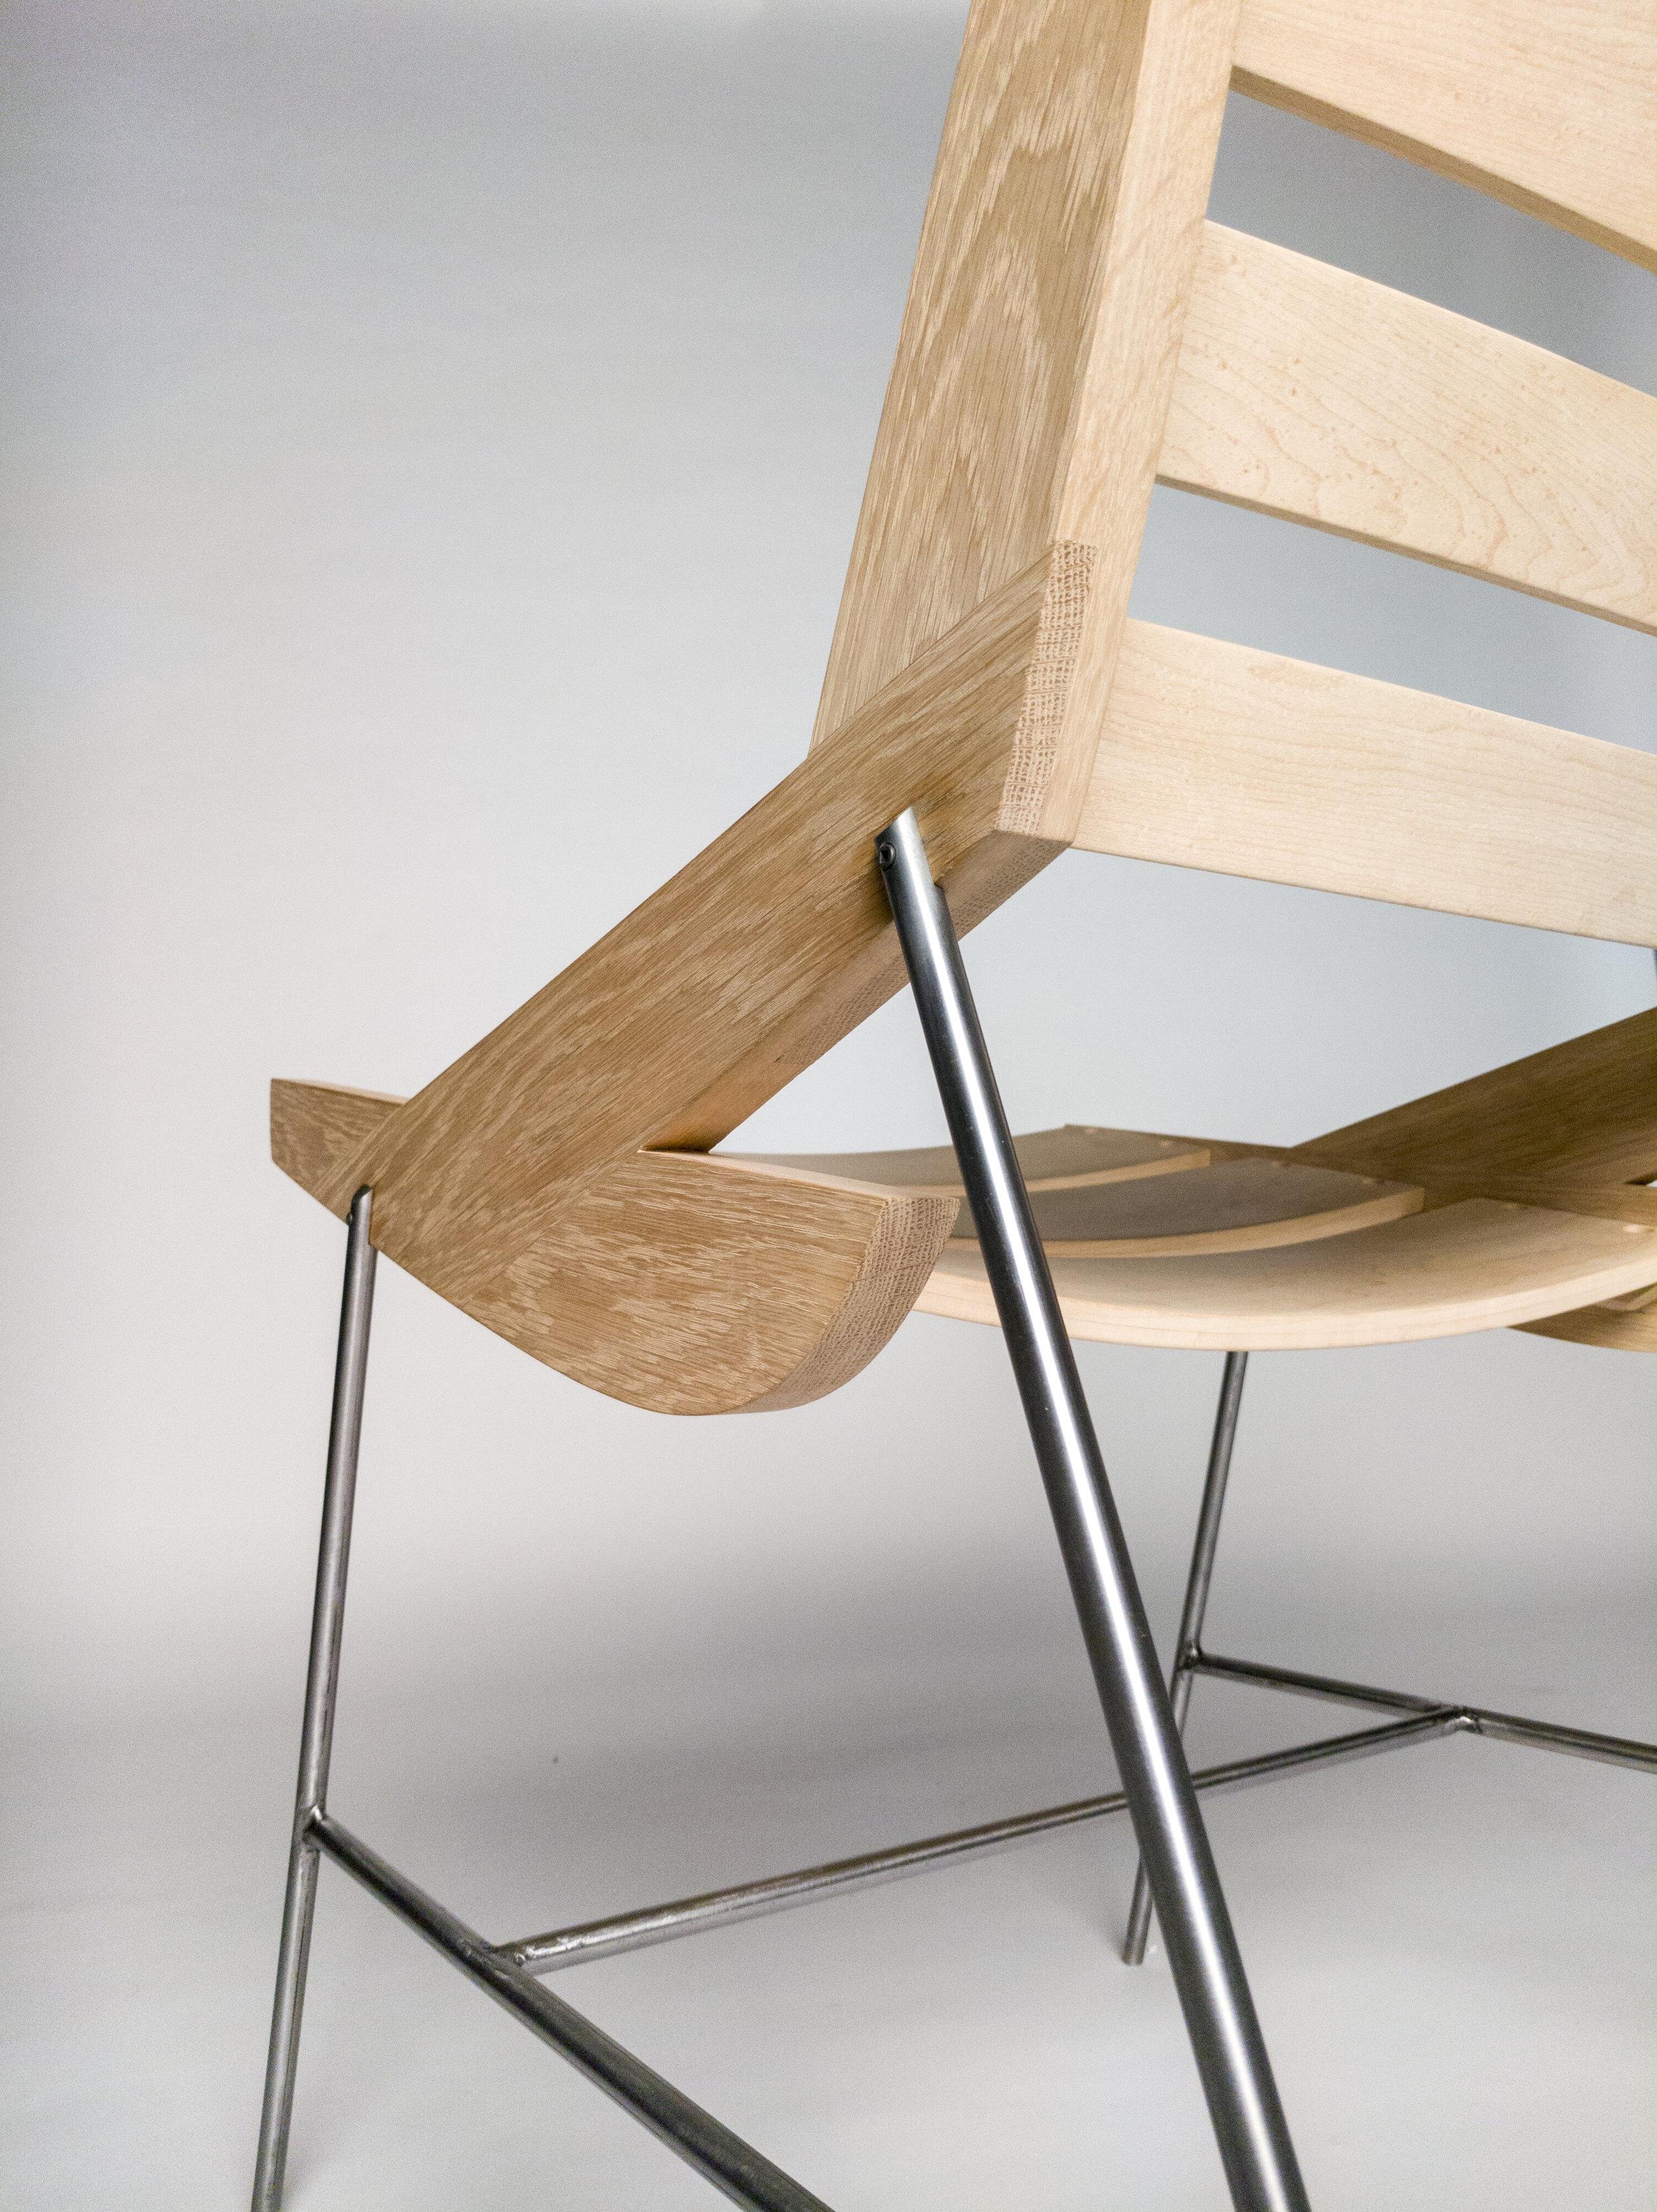 Chair final18 shopped.JPG